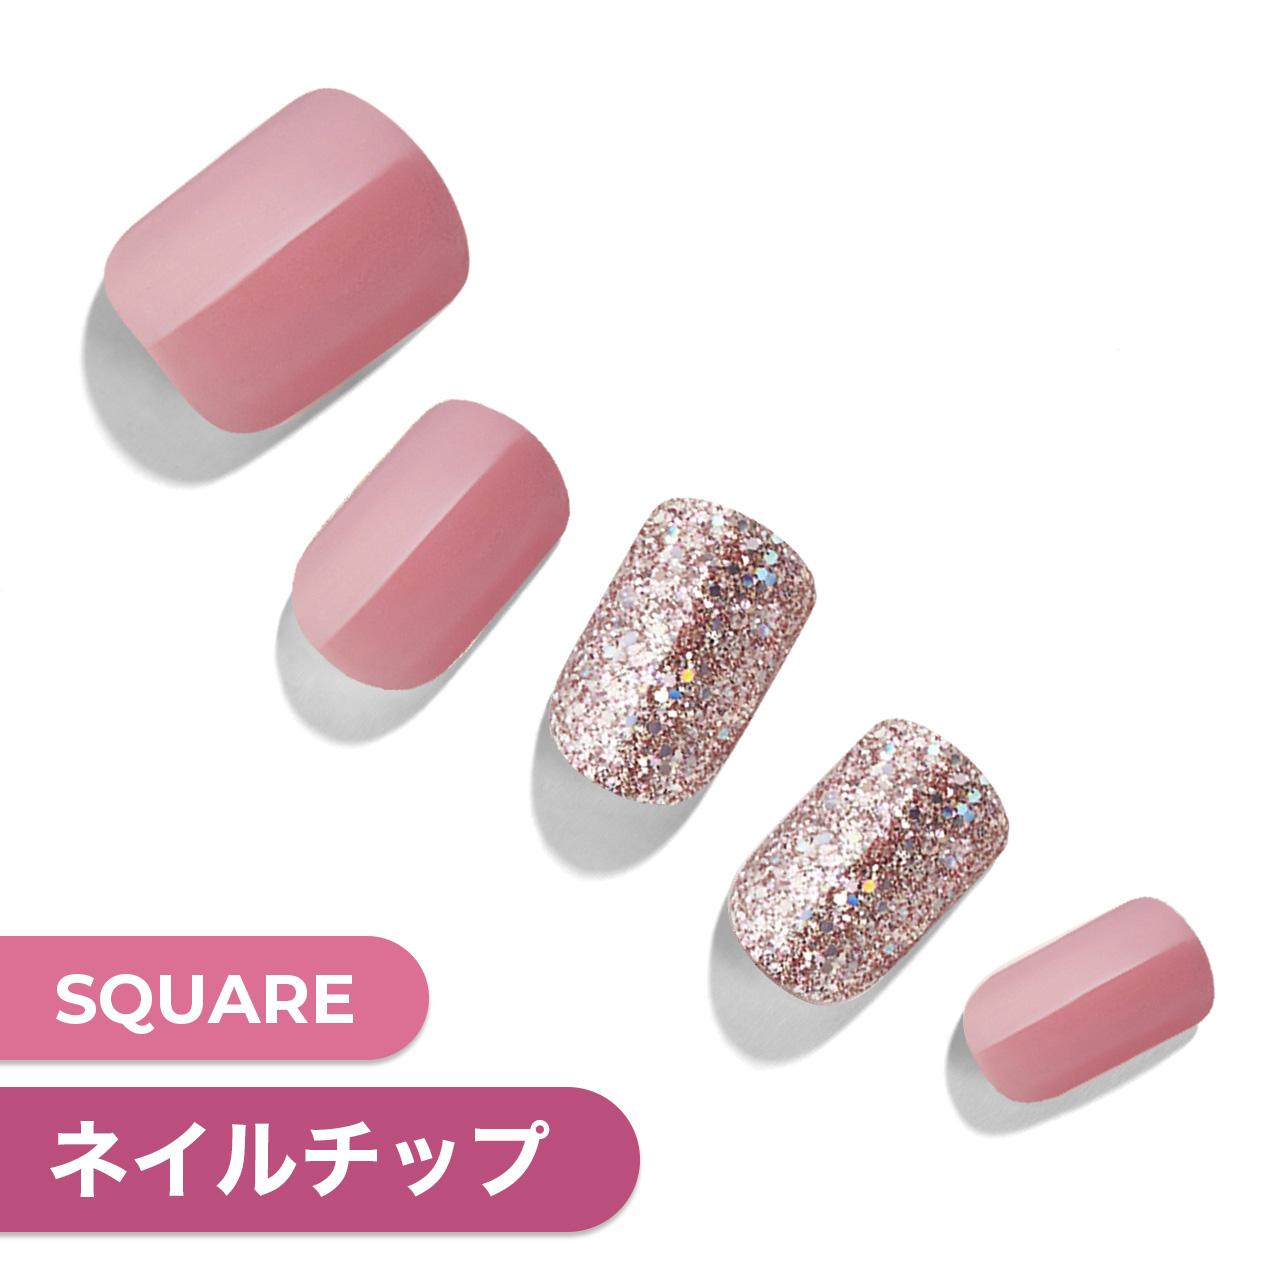 【Carrot Cake】ダッシングディバマジックプレス【5個セット】